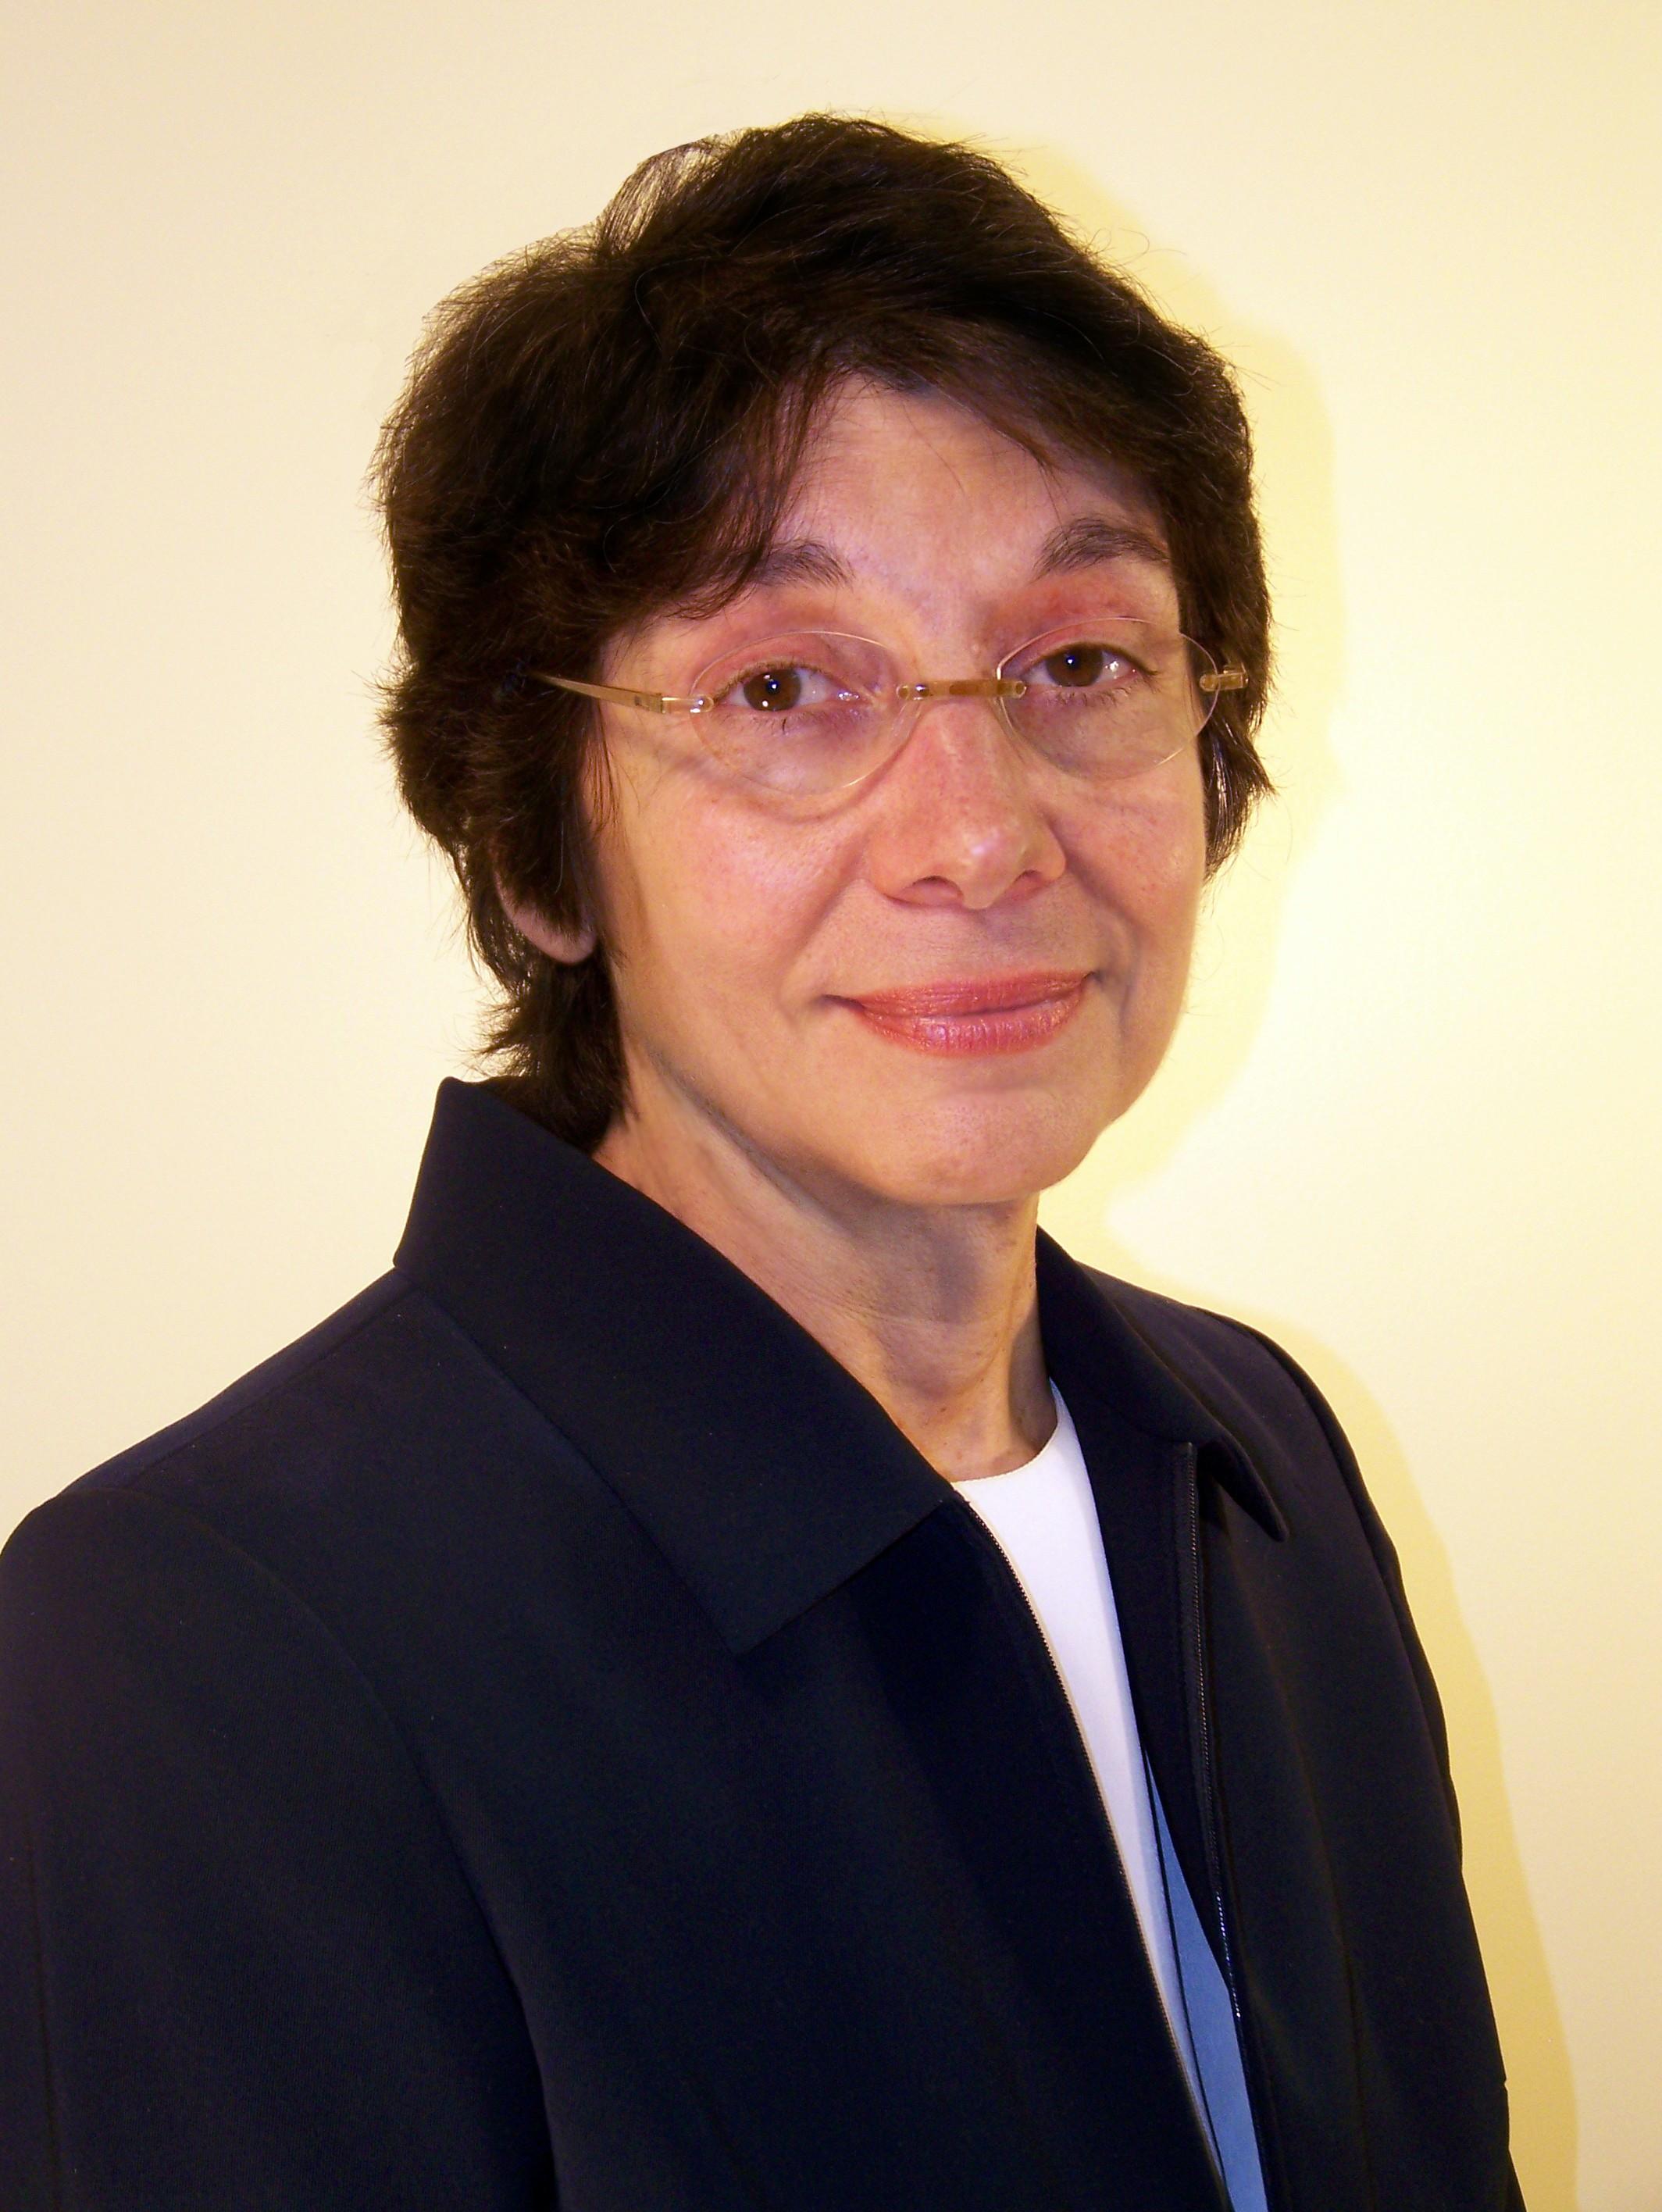 Mary Blancuzzi Conti